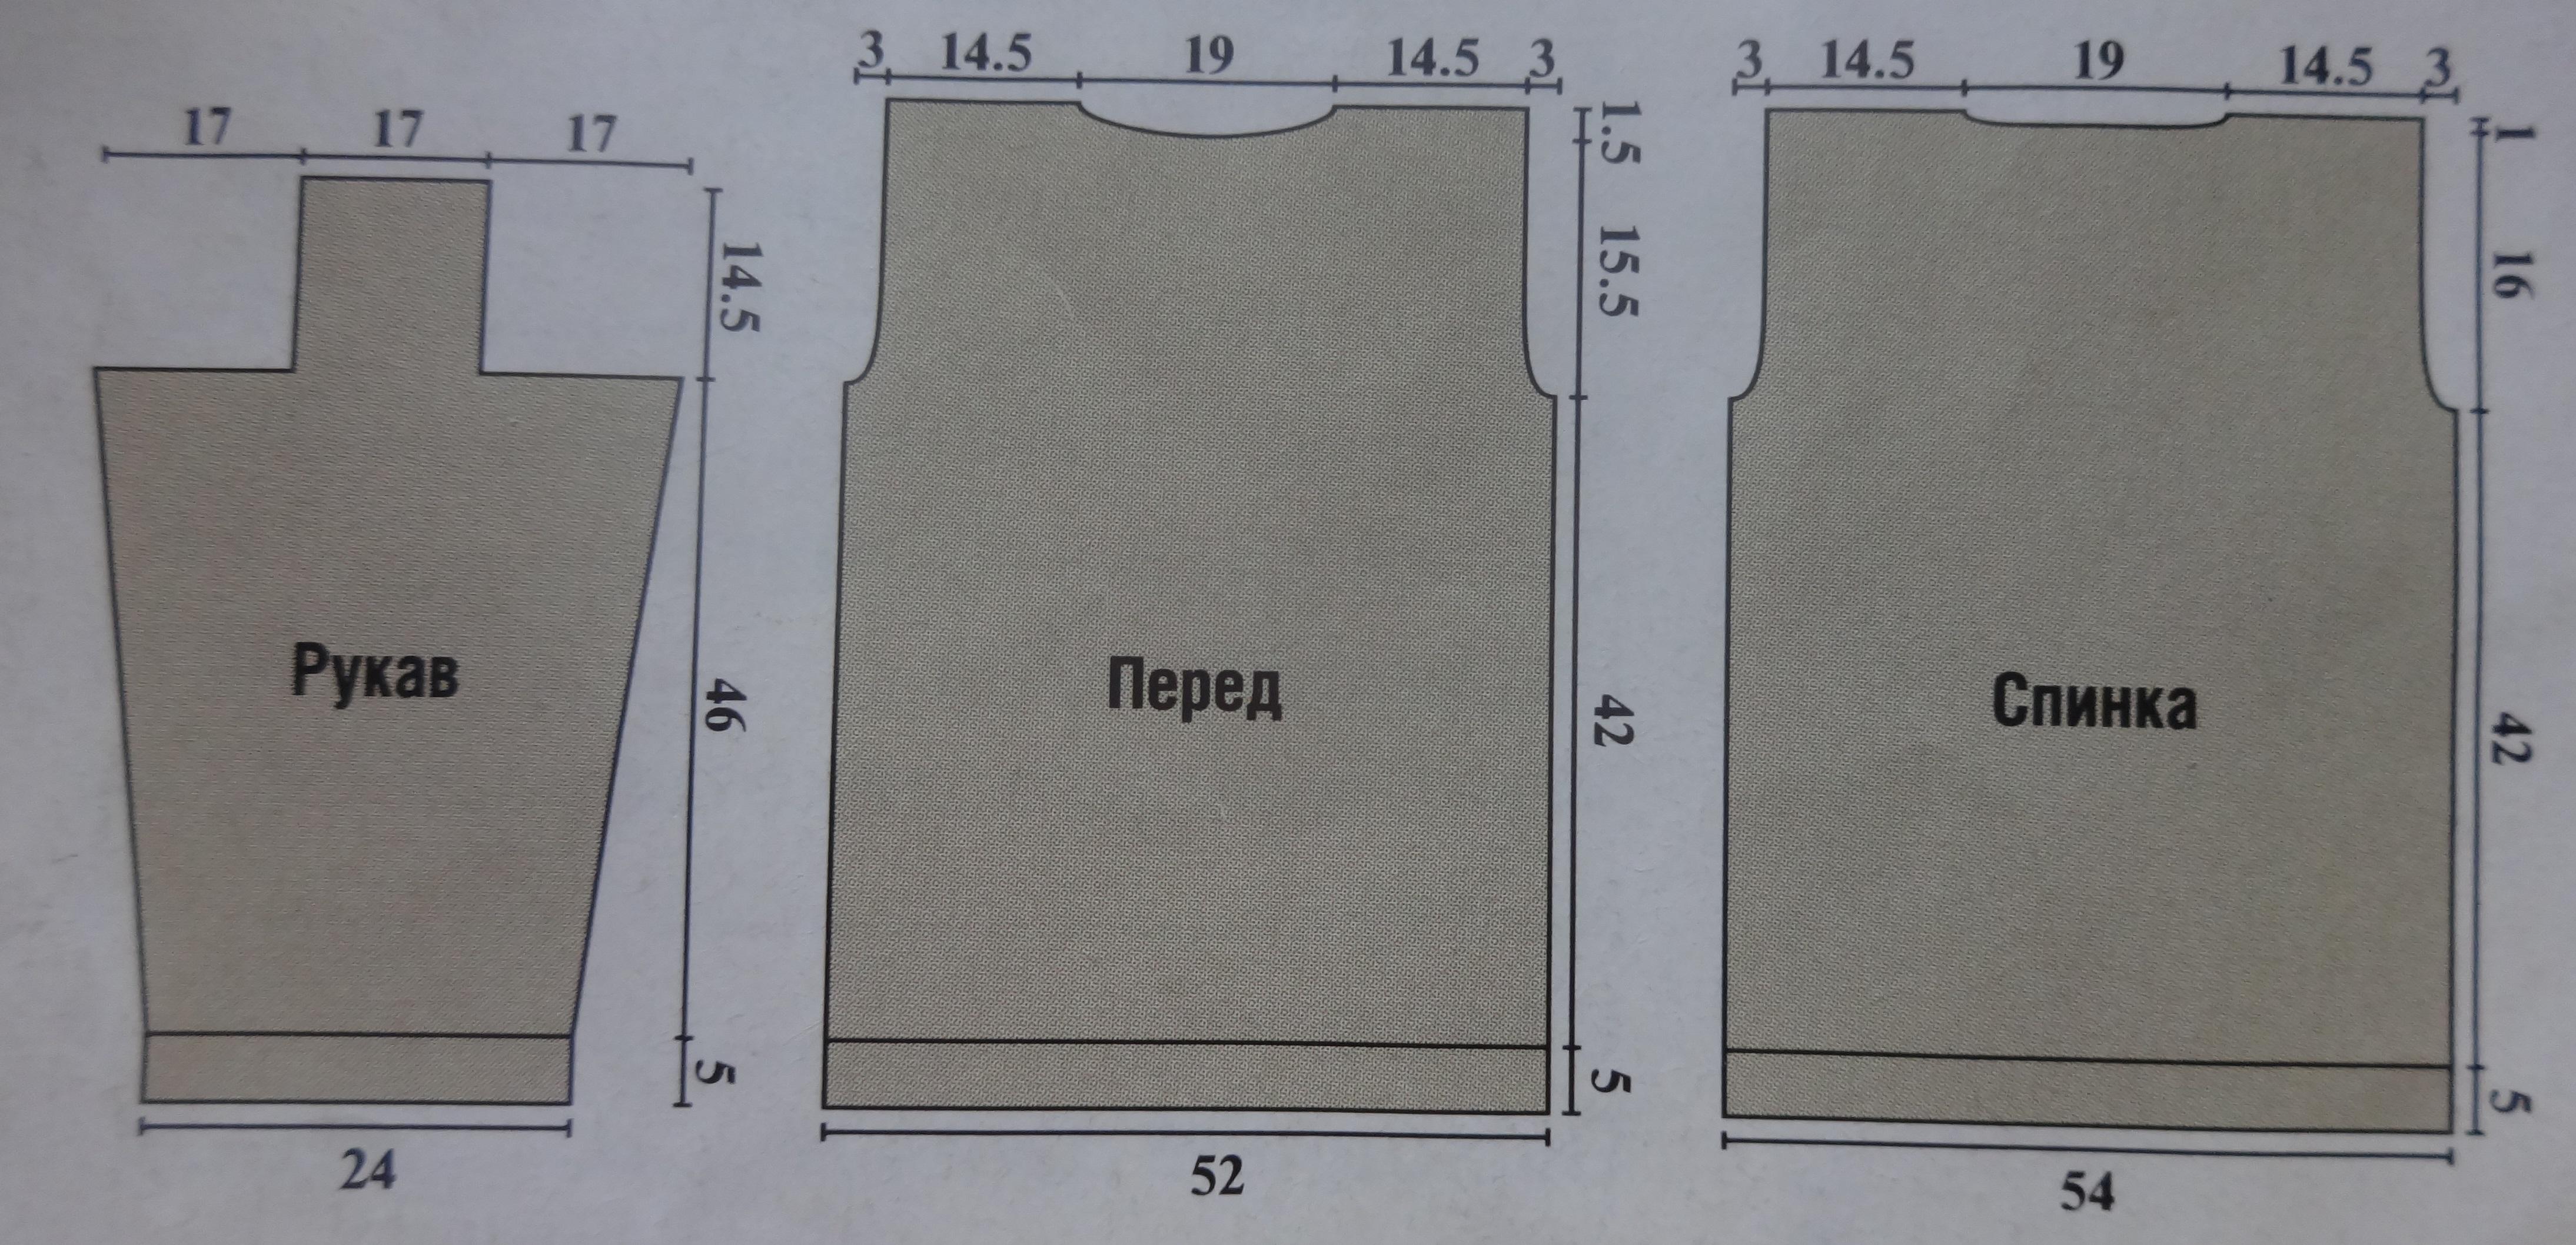 свитер мужской схема описание выкройка